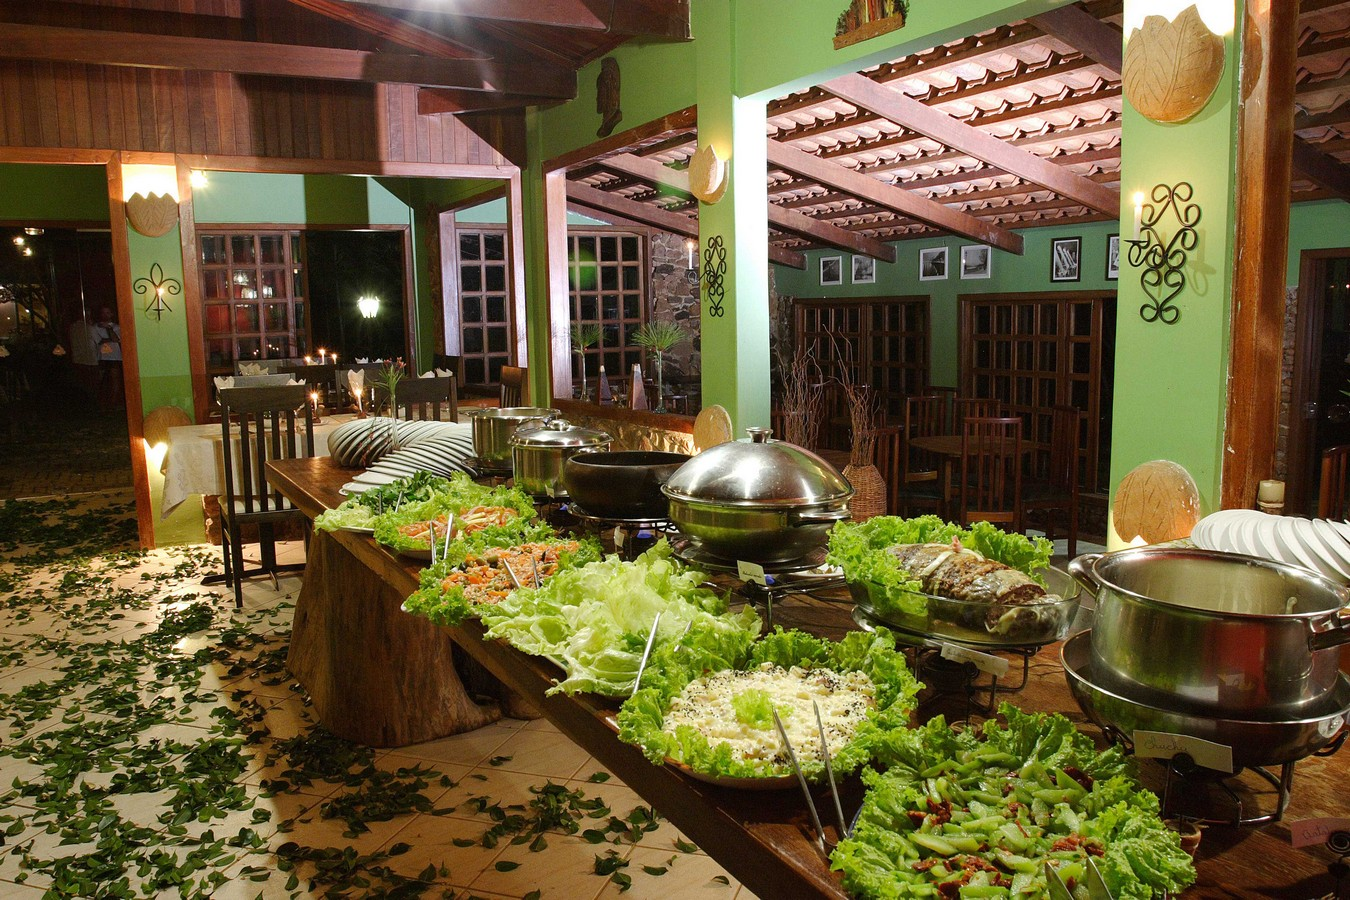 Restaurante-alta-resolução